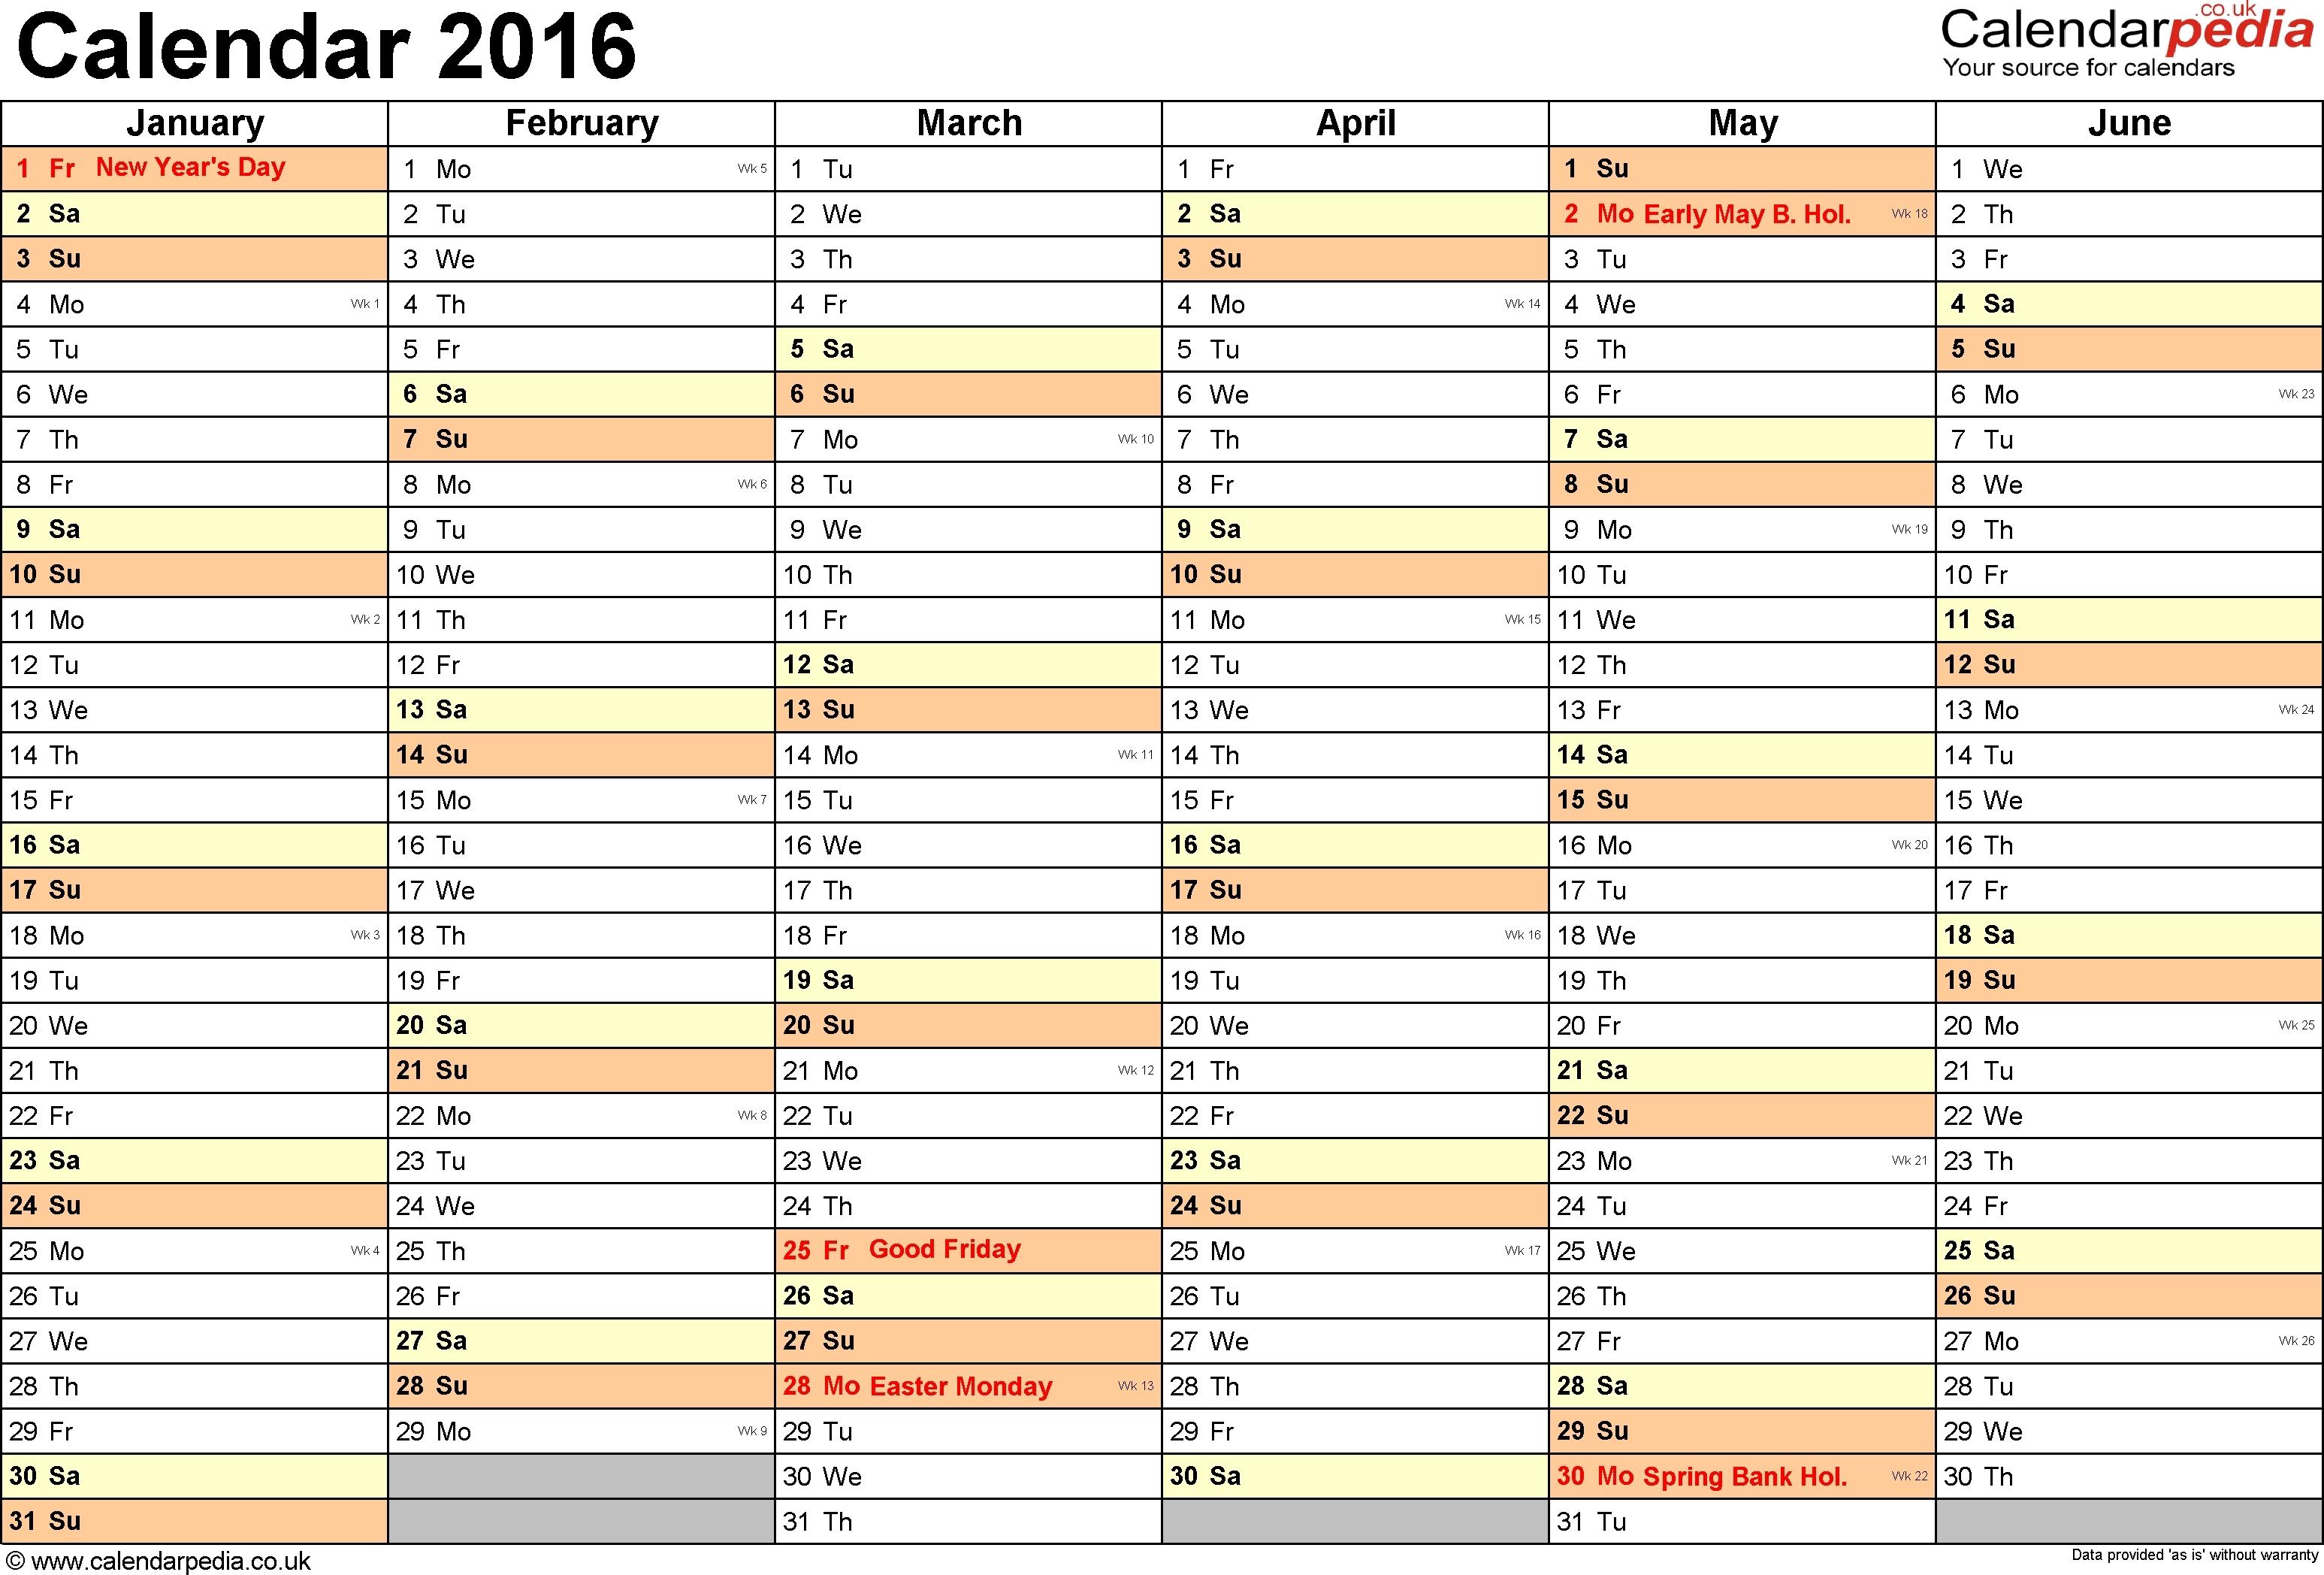 4 Week Blank Rotating Schedule Calendar | Template Calendar Printable in 4 Week Blank Rotating Schedule Calendar